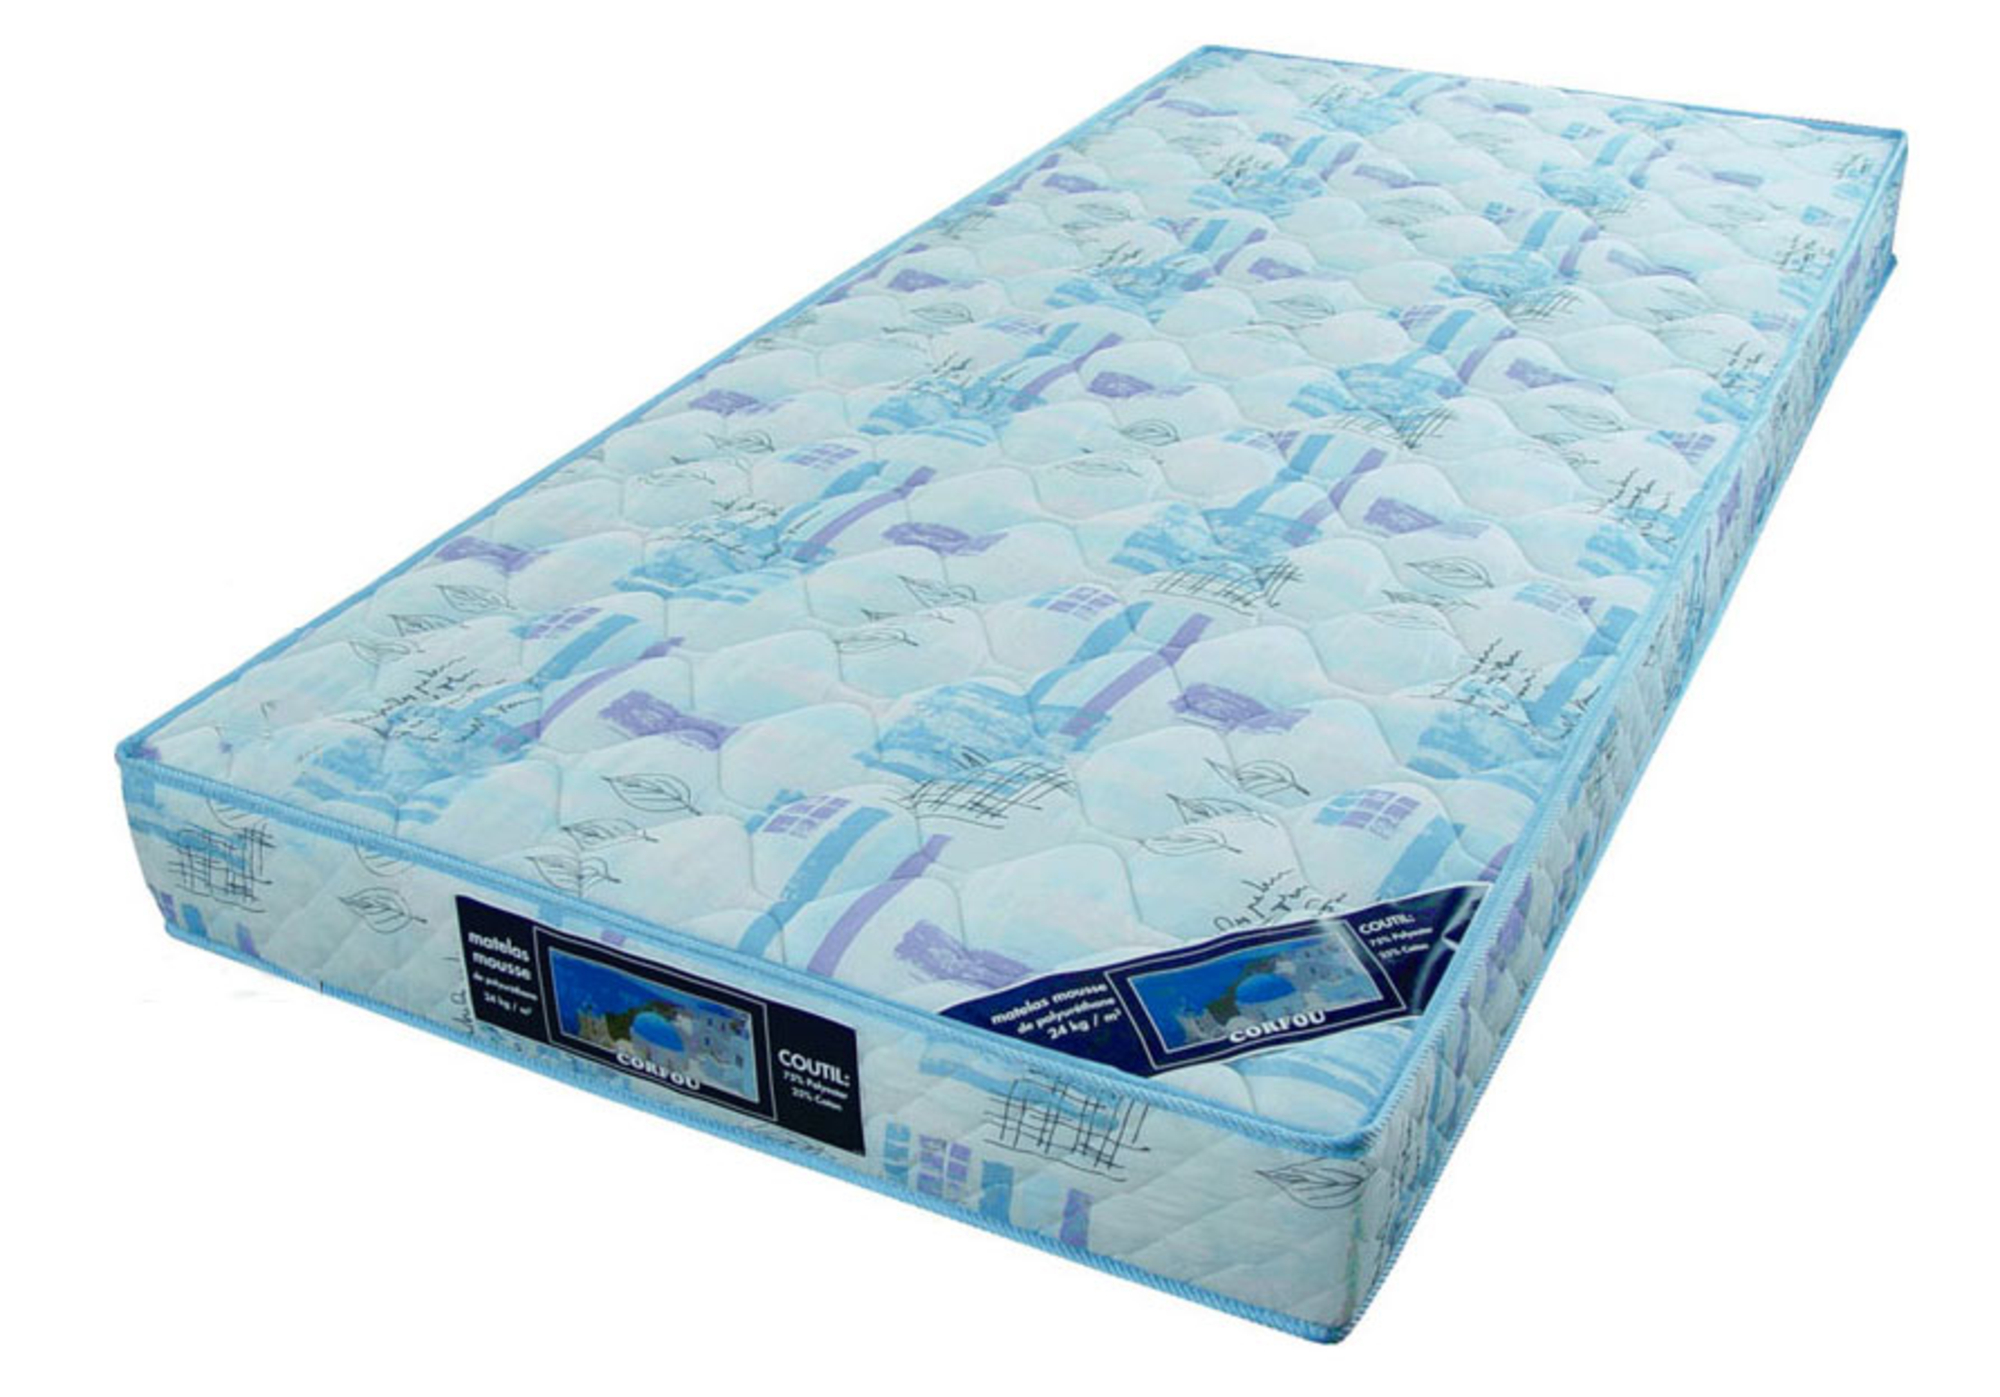 matelas mousse corfou 90 x 190 frais de traitement de commande offerts acheter ce produit. Black Bedroom Furniture Sets. Home Design Ideas